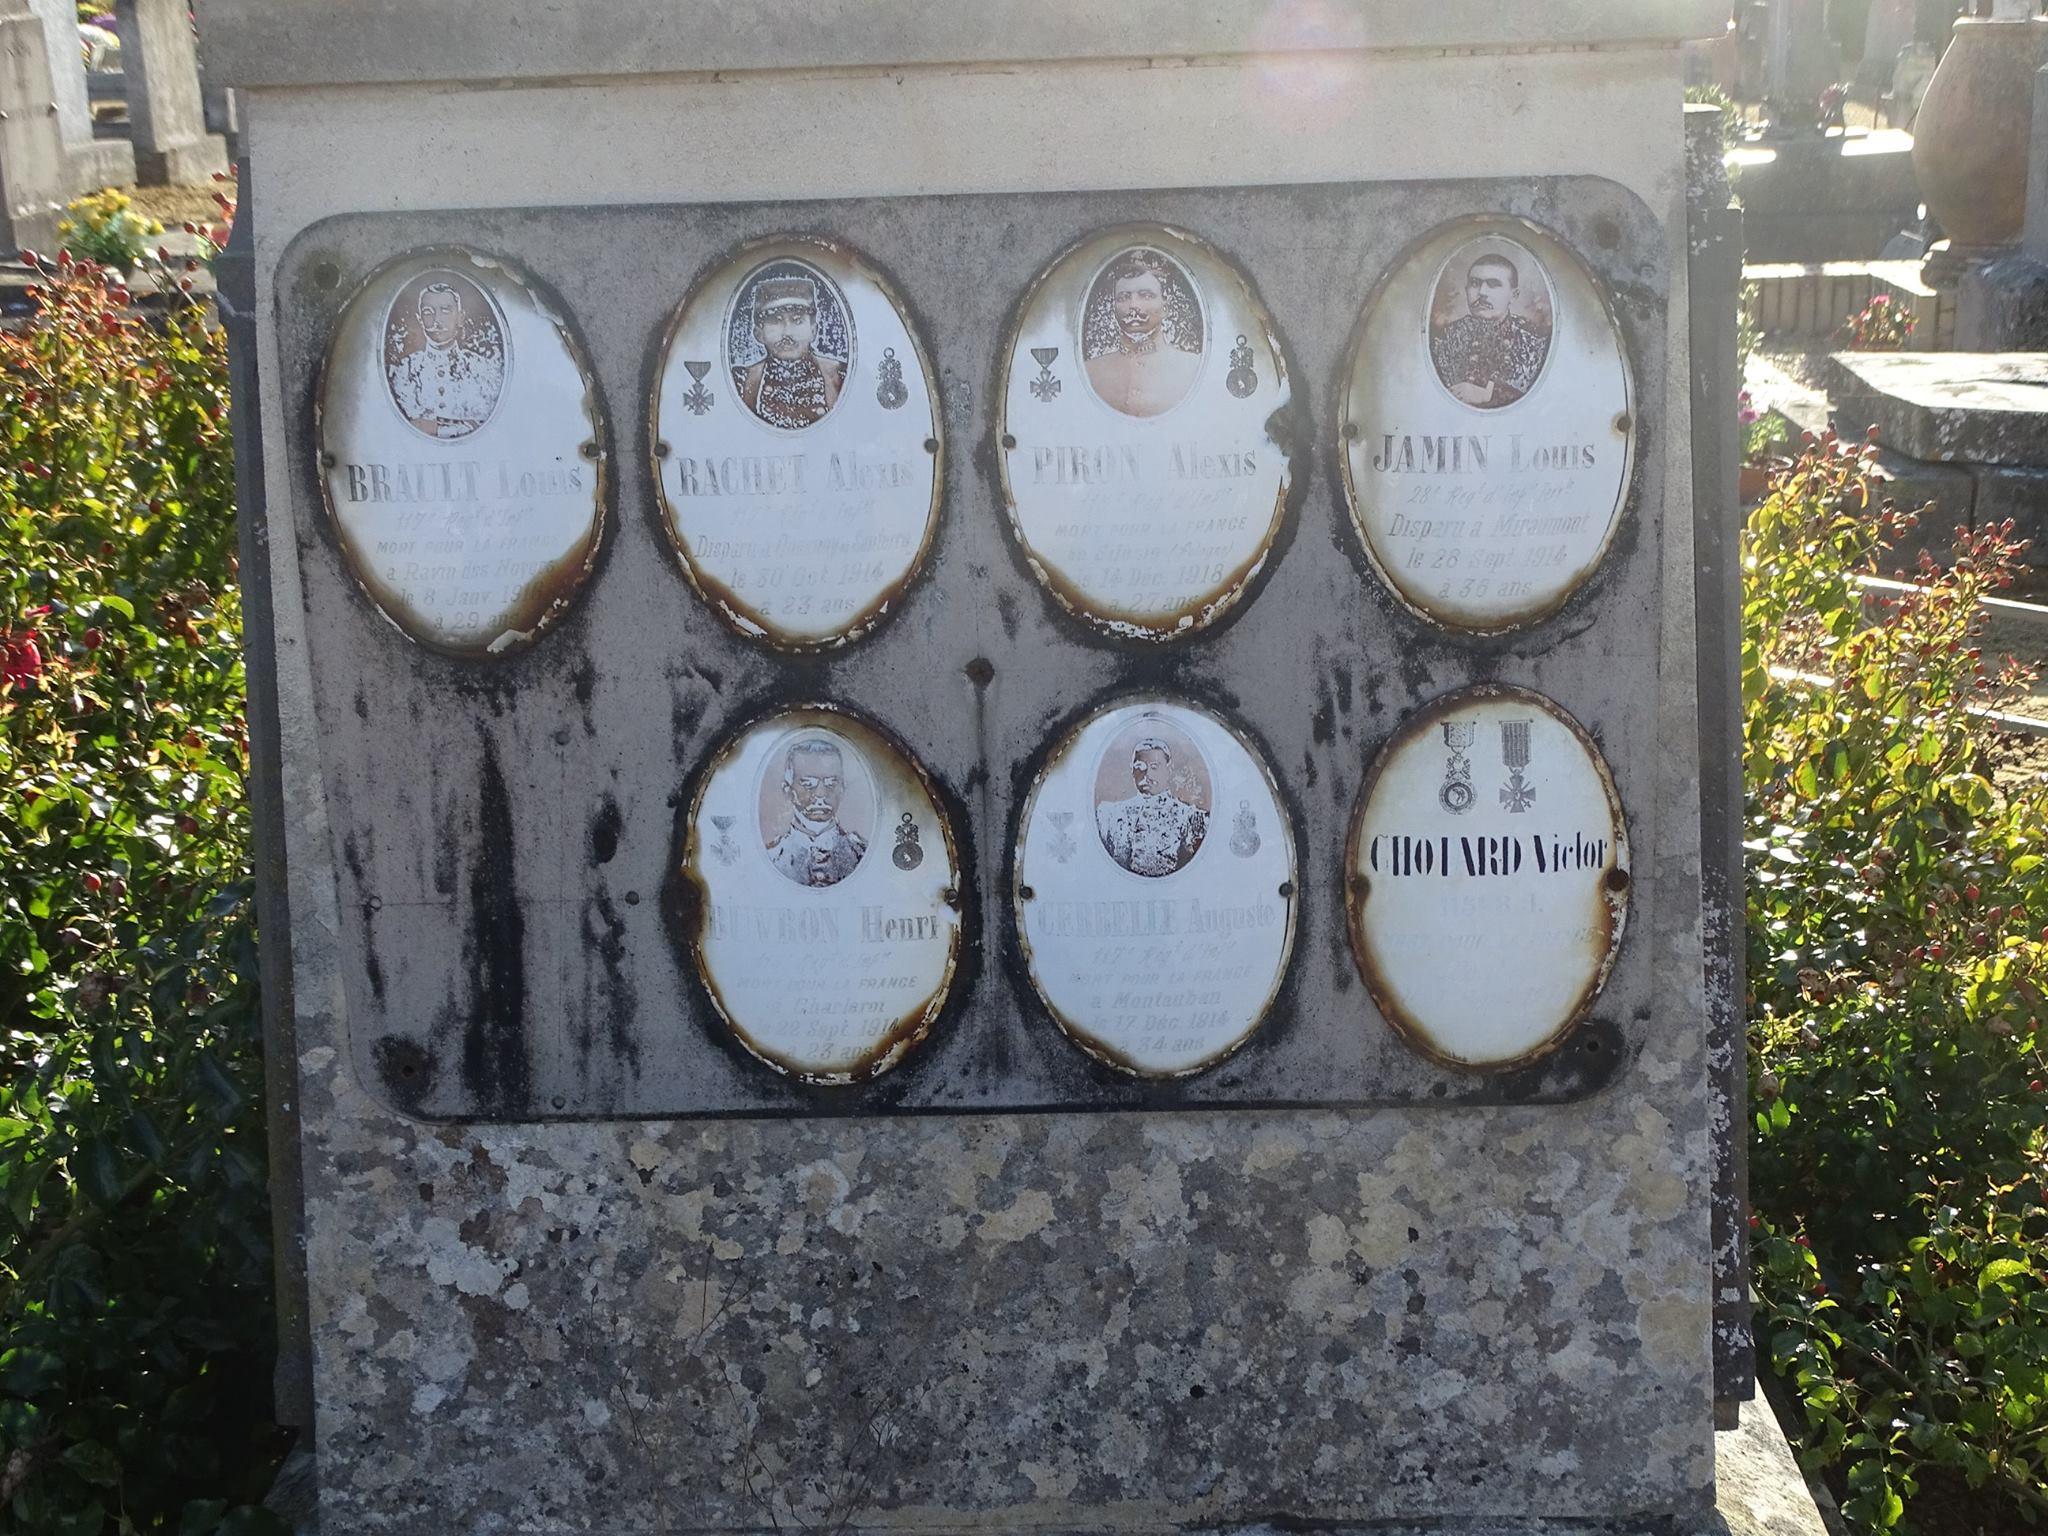 Pirmil - Monument commémoratif - Plaques émaillées - BRAULT Louis - RACHET Alexis - PIRON Alexis - JAMIN Louis - BUVRON Henri - CERBELLE Auguste - CHOTARD Victor (Marie-Yvonne Mersanne)